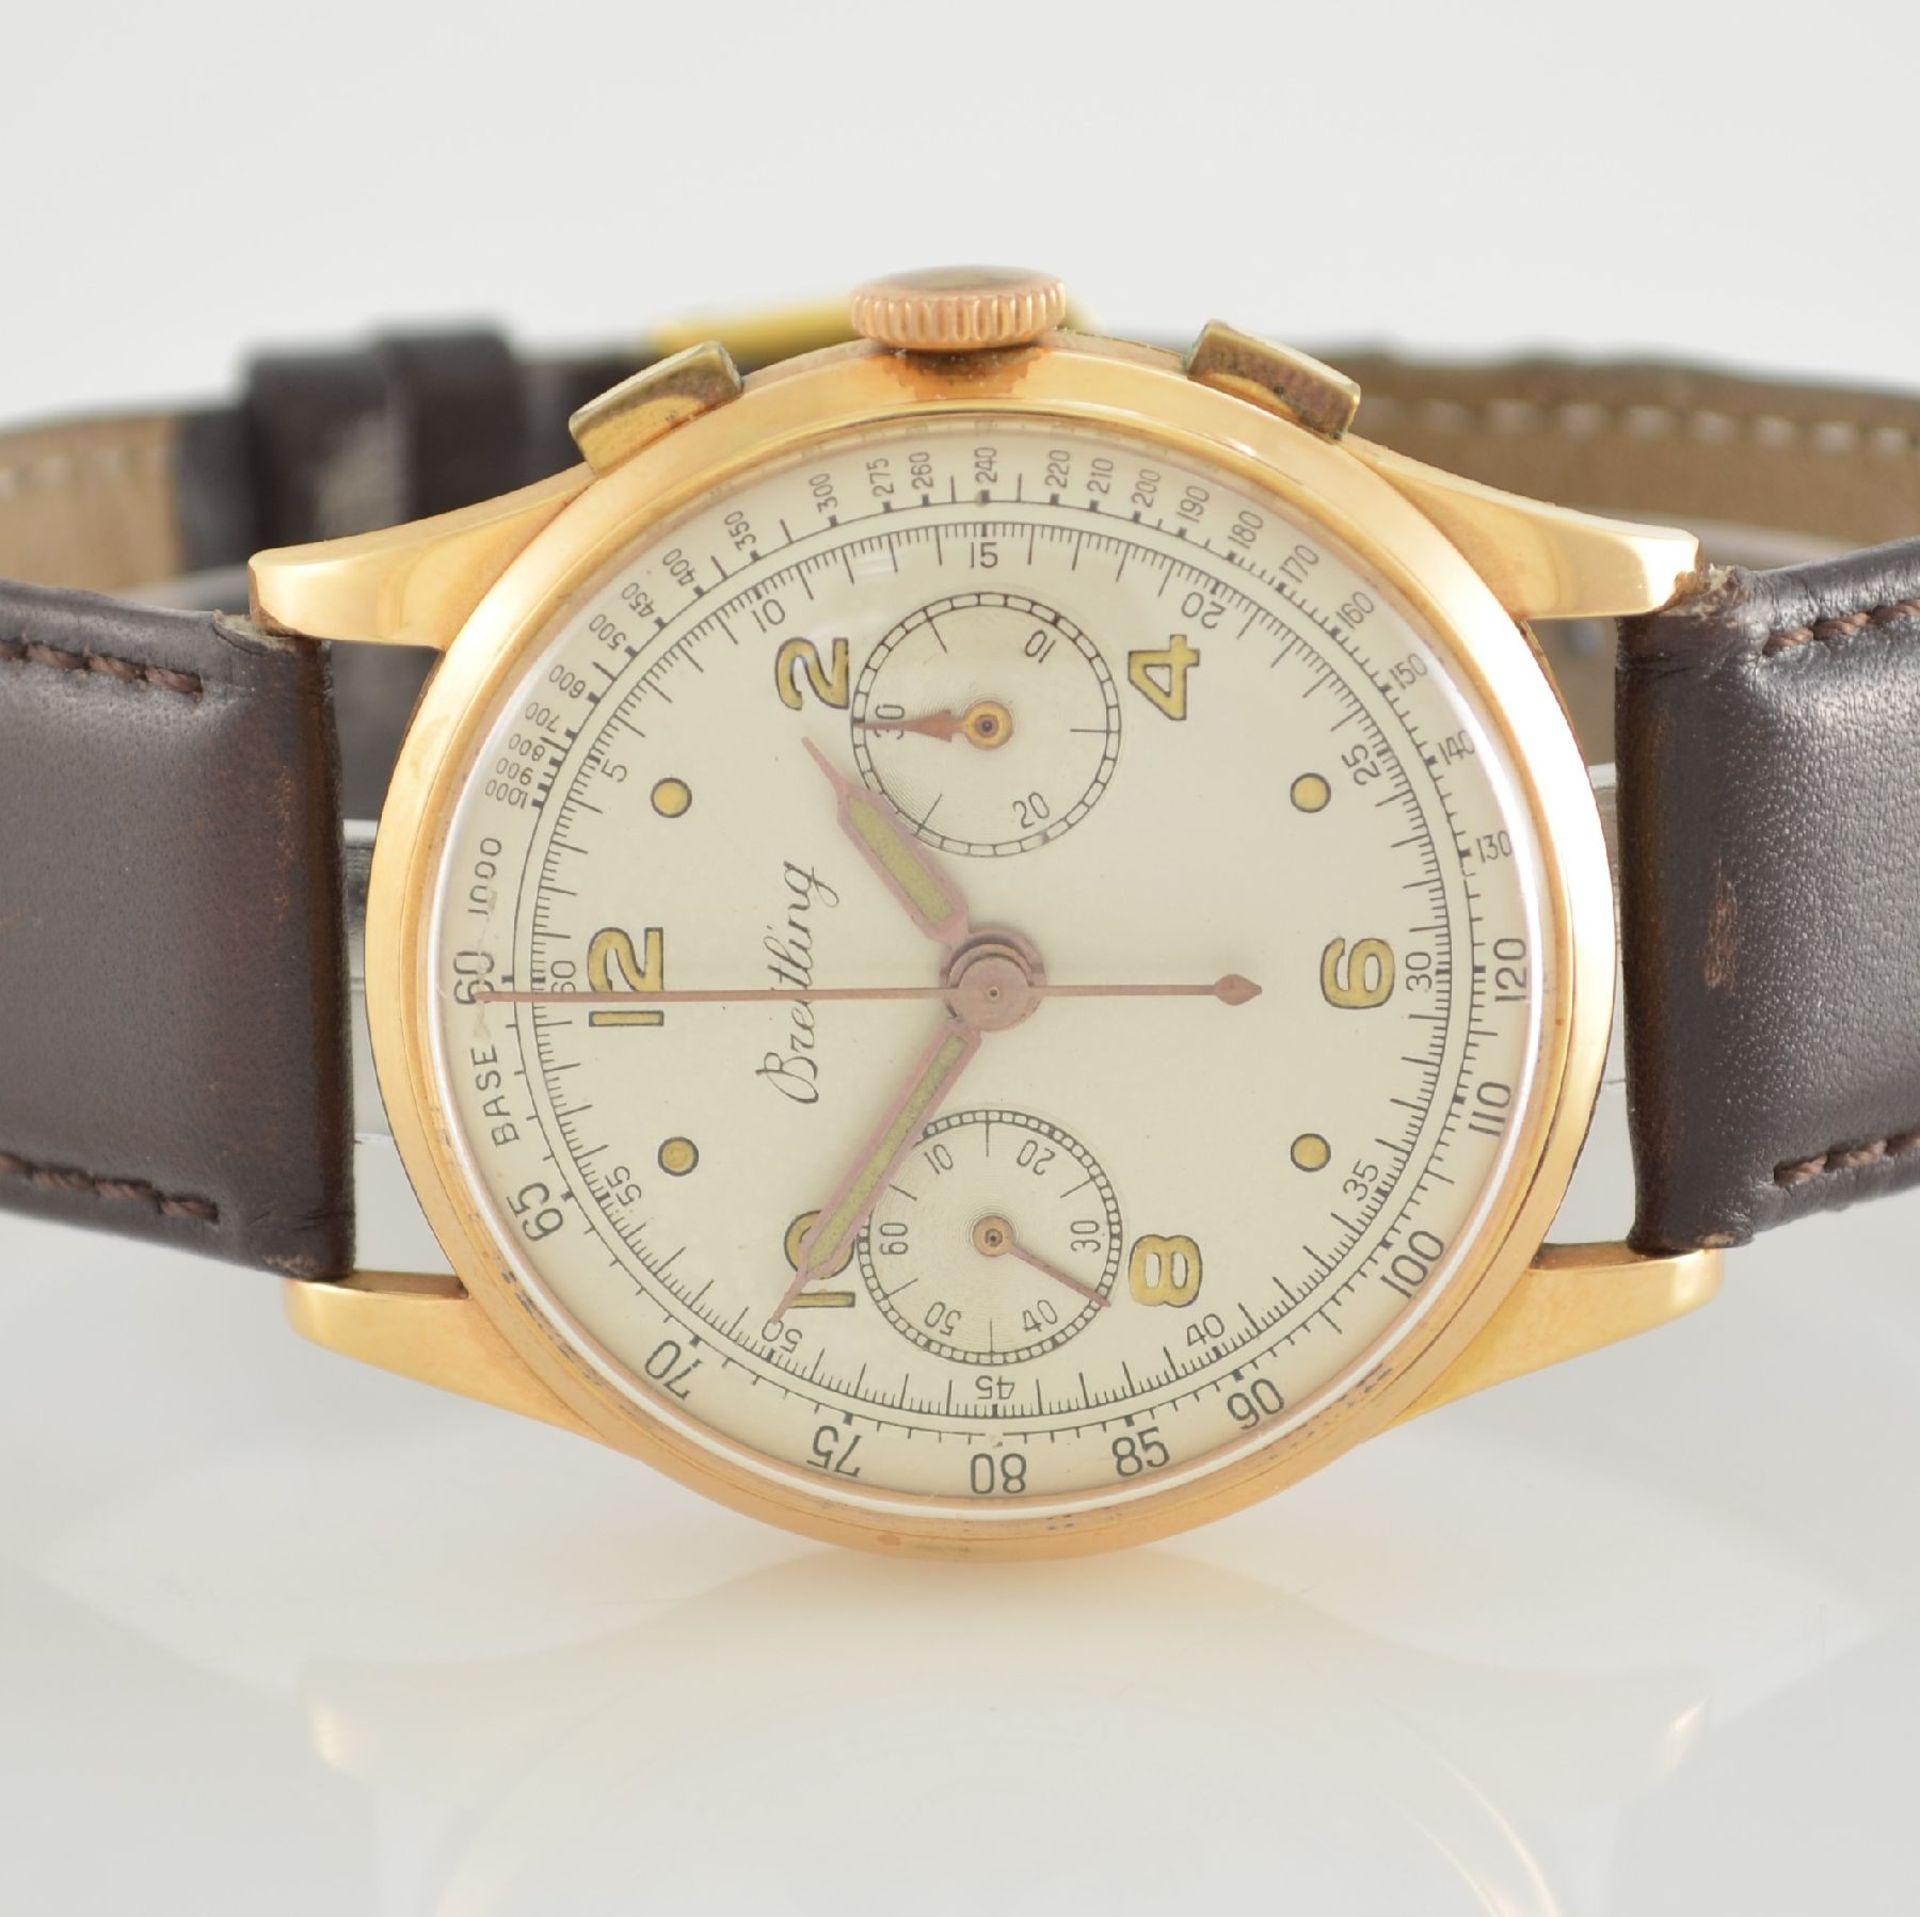 Herrenarmbanduhr mit Chronograph in 750/000 RoseG, Schweiz um 1950, Boden & Glasrand aufgedr., rest. - Bild 2 aus 9